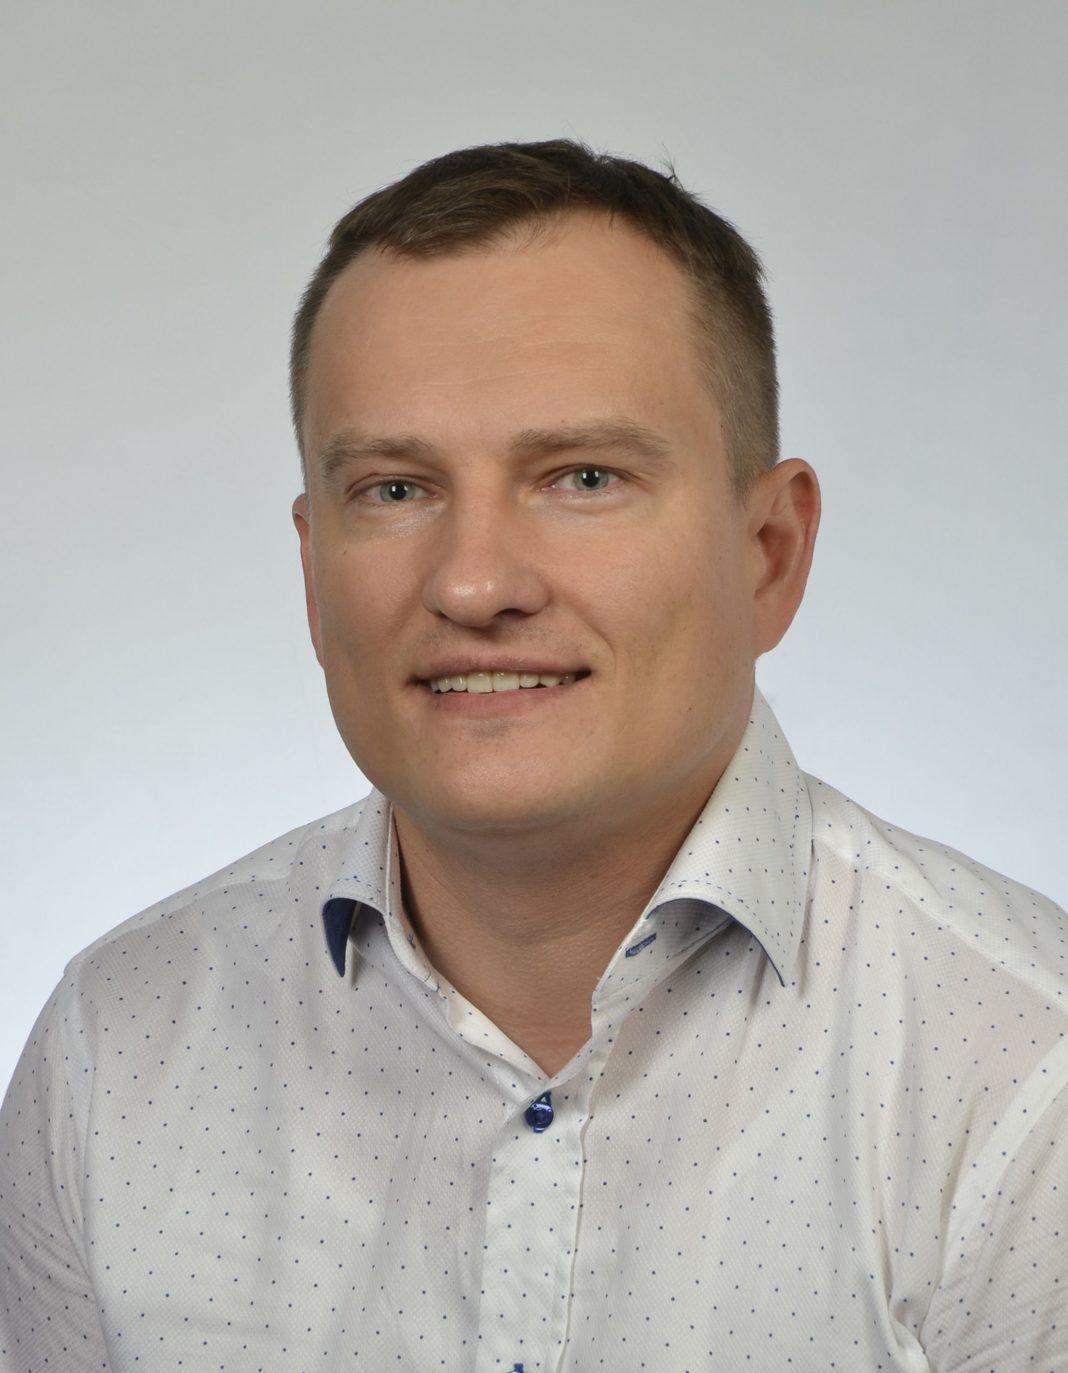 Tomasz Muszynski, GETEC România: Proiectul din Podari reflectă viziunea noastră despre energia viitorului – performanță maximă, cu zero emisii de dioxid de carbon